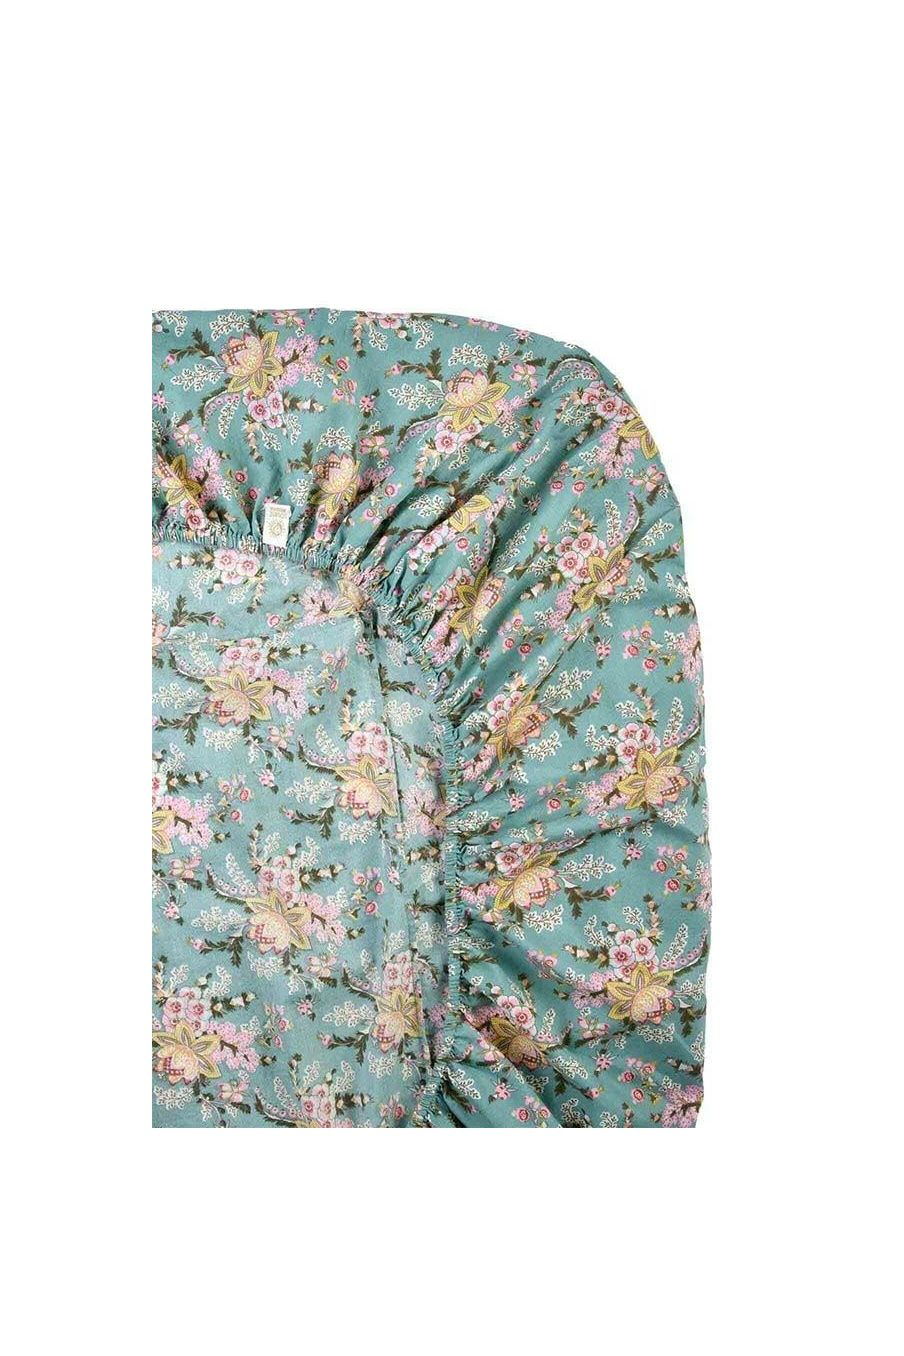 drap-housse maison nicole blue french flowers - louise misha